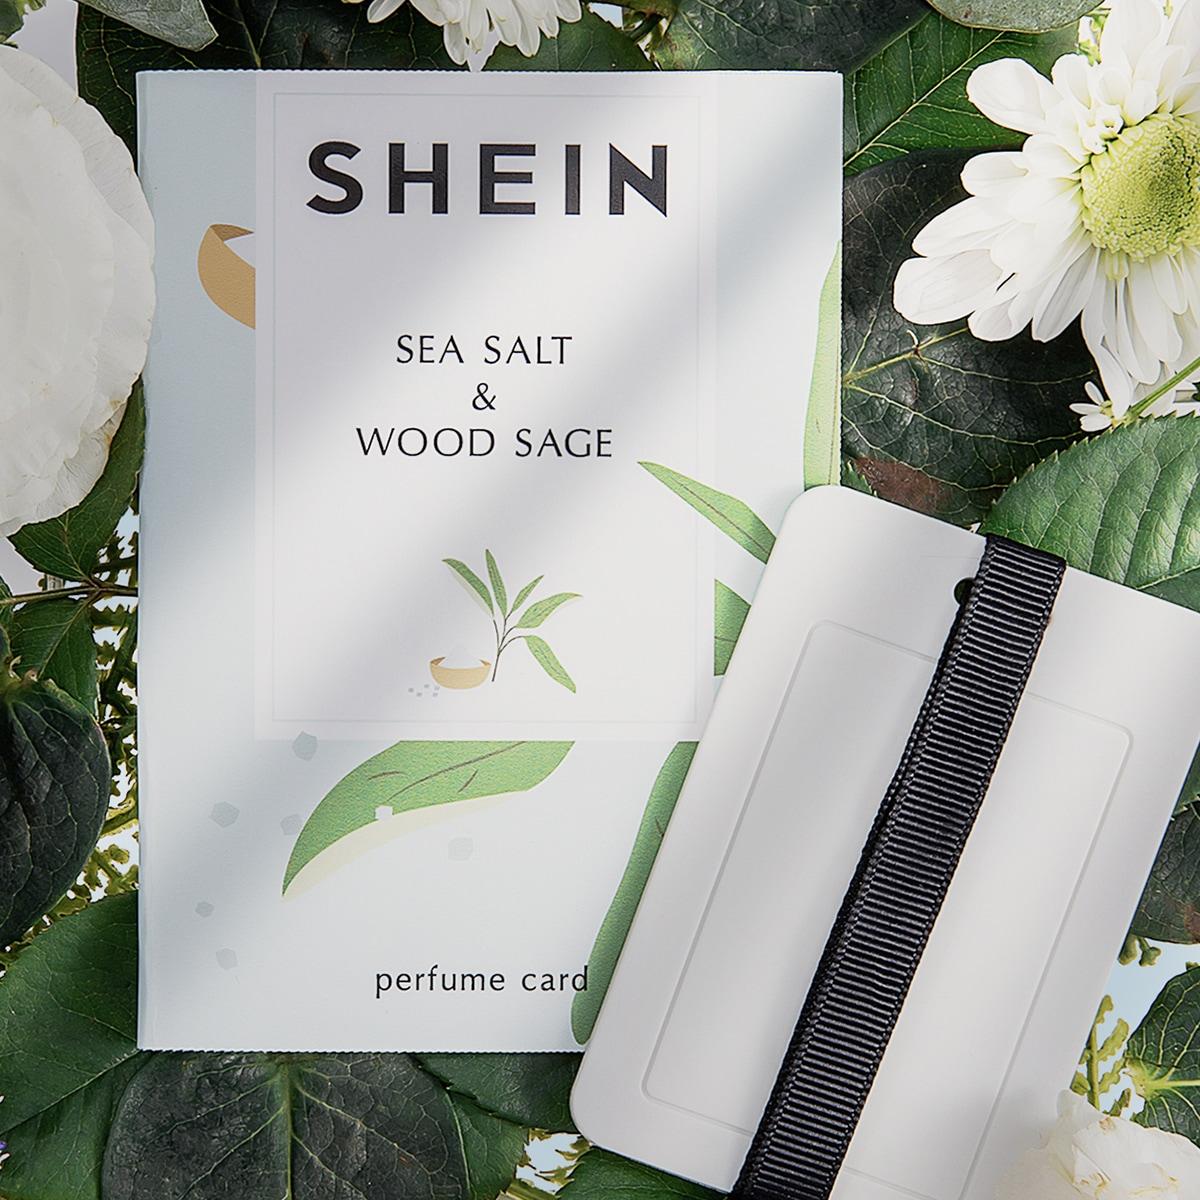 Sea Salt & Wood Sage Perfume Card